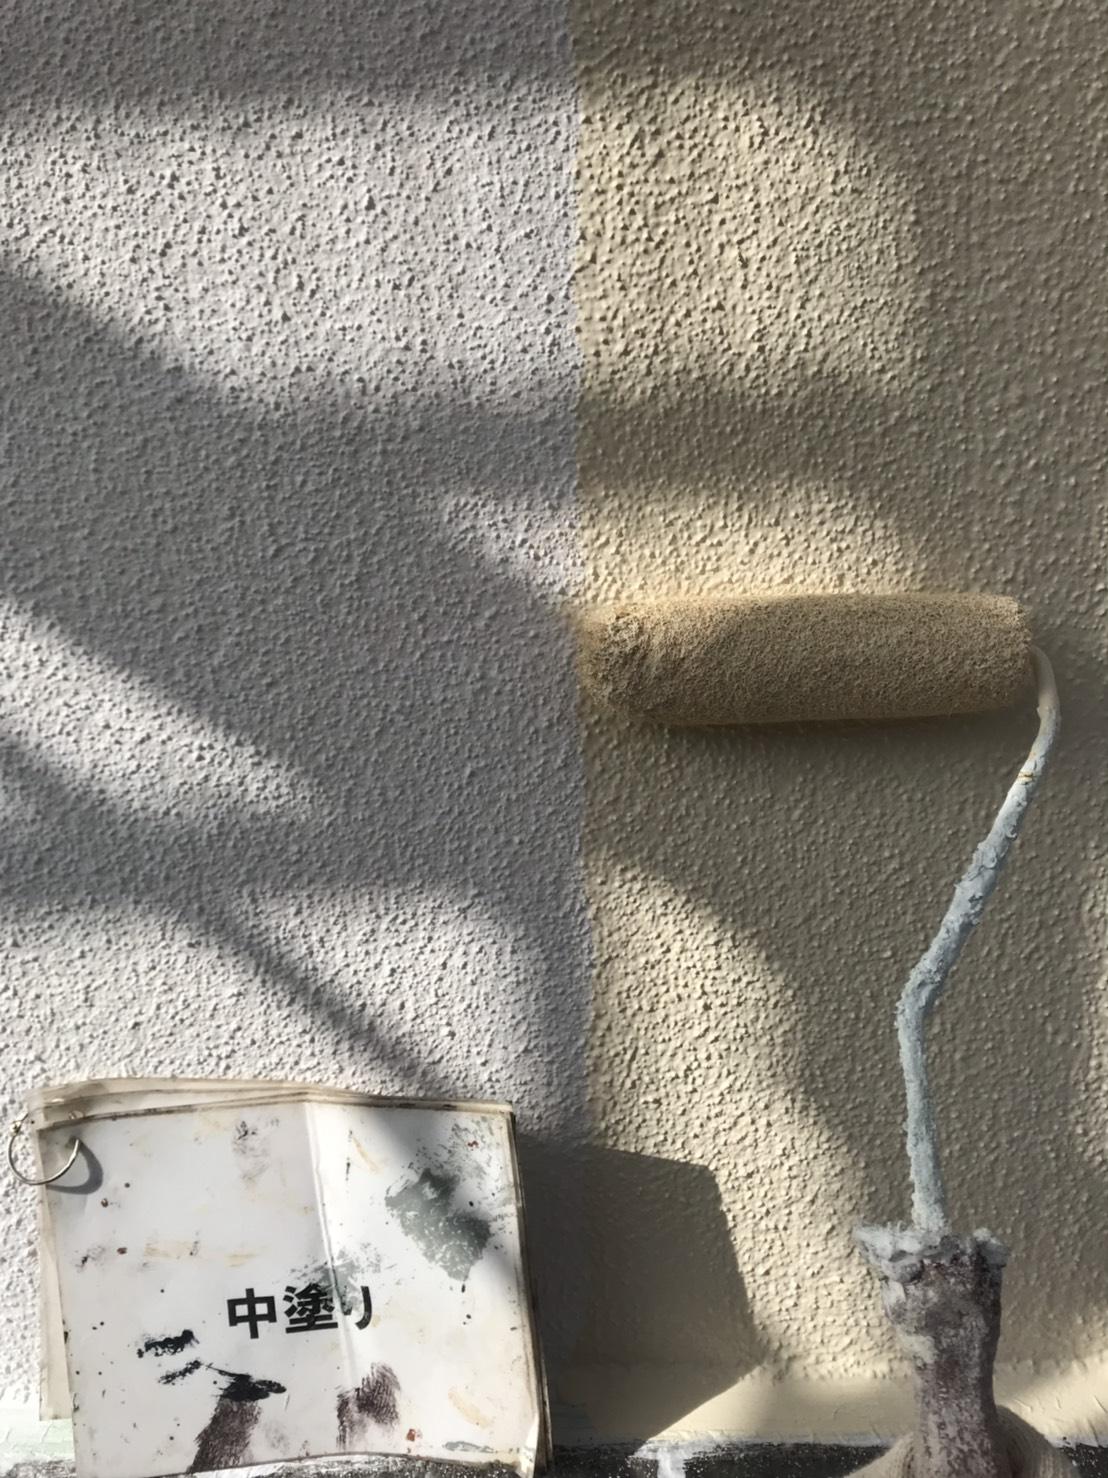 茂原市M様邸屋根外壁塗装工事